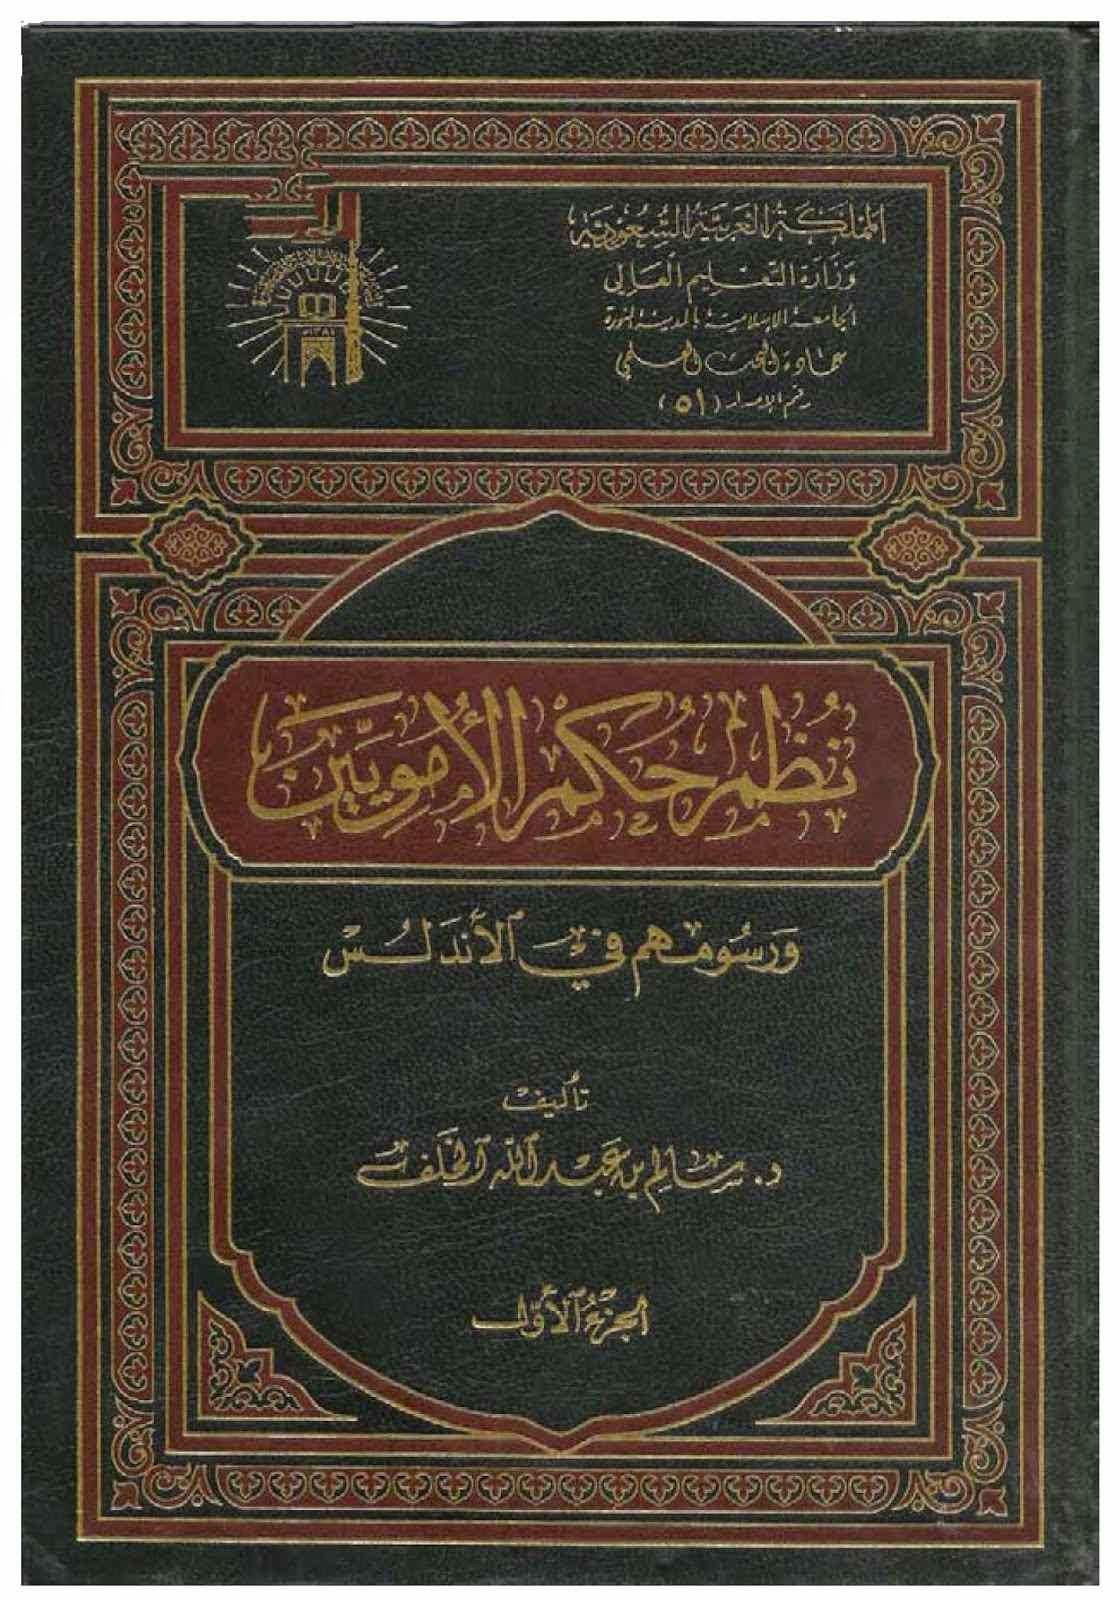 نُظم حكم الأندلسيين ورسومهم في الأندلس لـ سالم بن عبد الله الخلف